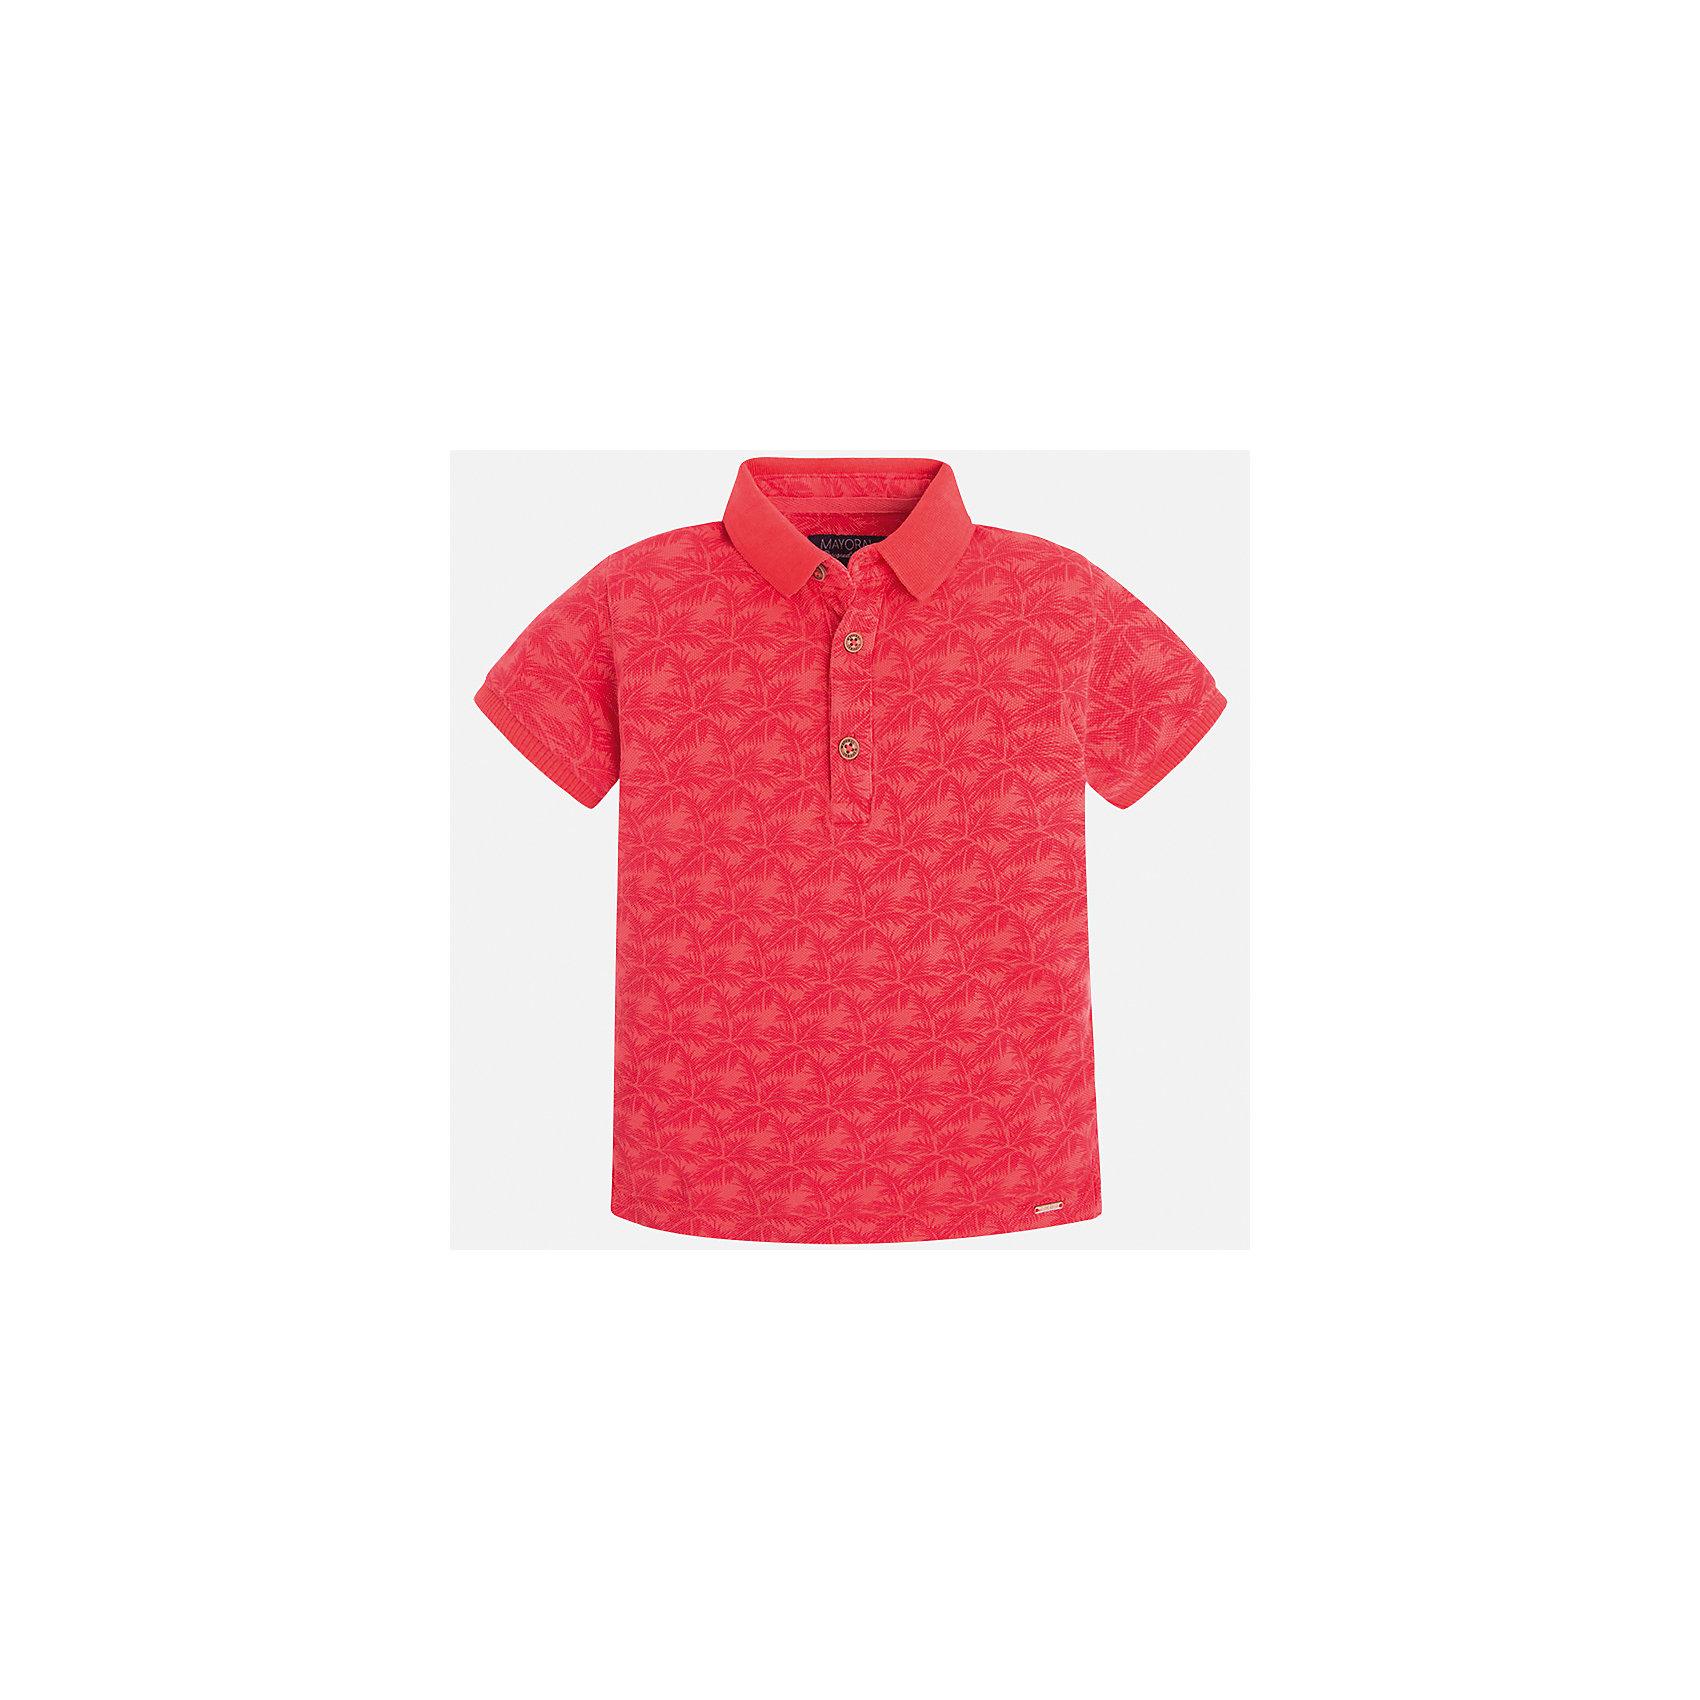 Футболка-поло для мальчика MayoralФутболки, поло и топы<br>Характеристики товара:<br><br>• цвет: красный<br>• состав: 100% хлопок<br>• отложной воротник<br>• короткие рукава<br>• застежка: пуговицы<br>• материал с орнаментом<br>• страна бренда: Испания<br><br>Удобная и модная футболка-поло для мальчика может стать базовой вещью в гардеробе ребенка. Она отлично сочетается с брюками, шортами, джинсами и т.д. Универсальный крой и цвет позволяет подобрать к вещи низ разных расцветок. Практичное и стильное изделие! В составе материала - только натуральный хлопок, гипоаллергенный, приятный на ощупь, дышащий.<br><br>Одежда, обувь и аксессуары от испанского бренда Mayoral полюбились детям и взрослым по всему миру. Модели этой марки - стильные и удобные. Для их производства используются только безопасные, качественные материалы и фурнитура. Порадуйте ребенка модными и красивыми вещами от Mayoral! <br><br>Футболку-поло для мальчика от испанского бренда Mayoral (Майорал) можно купить в нашем интернет-магазине.<br><br>Ширина мм: 230<br>Глубина мм: 40<br>Высота мм: 220<br>Вес г: 250<br>Цвет: красный<br>Возраст от месяцев: 84<br>Возраст до месяцев: 96<br>Пол: Мужской<br>Возраст: Детский<br>Размер: 128,122,134,116,110,98,92,104<br>SKU: 5272027